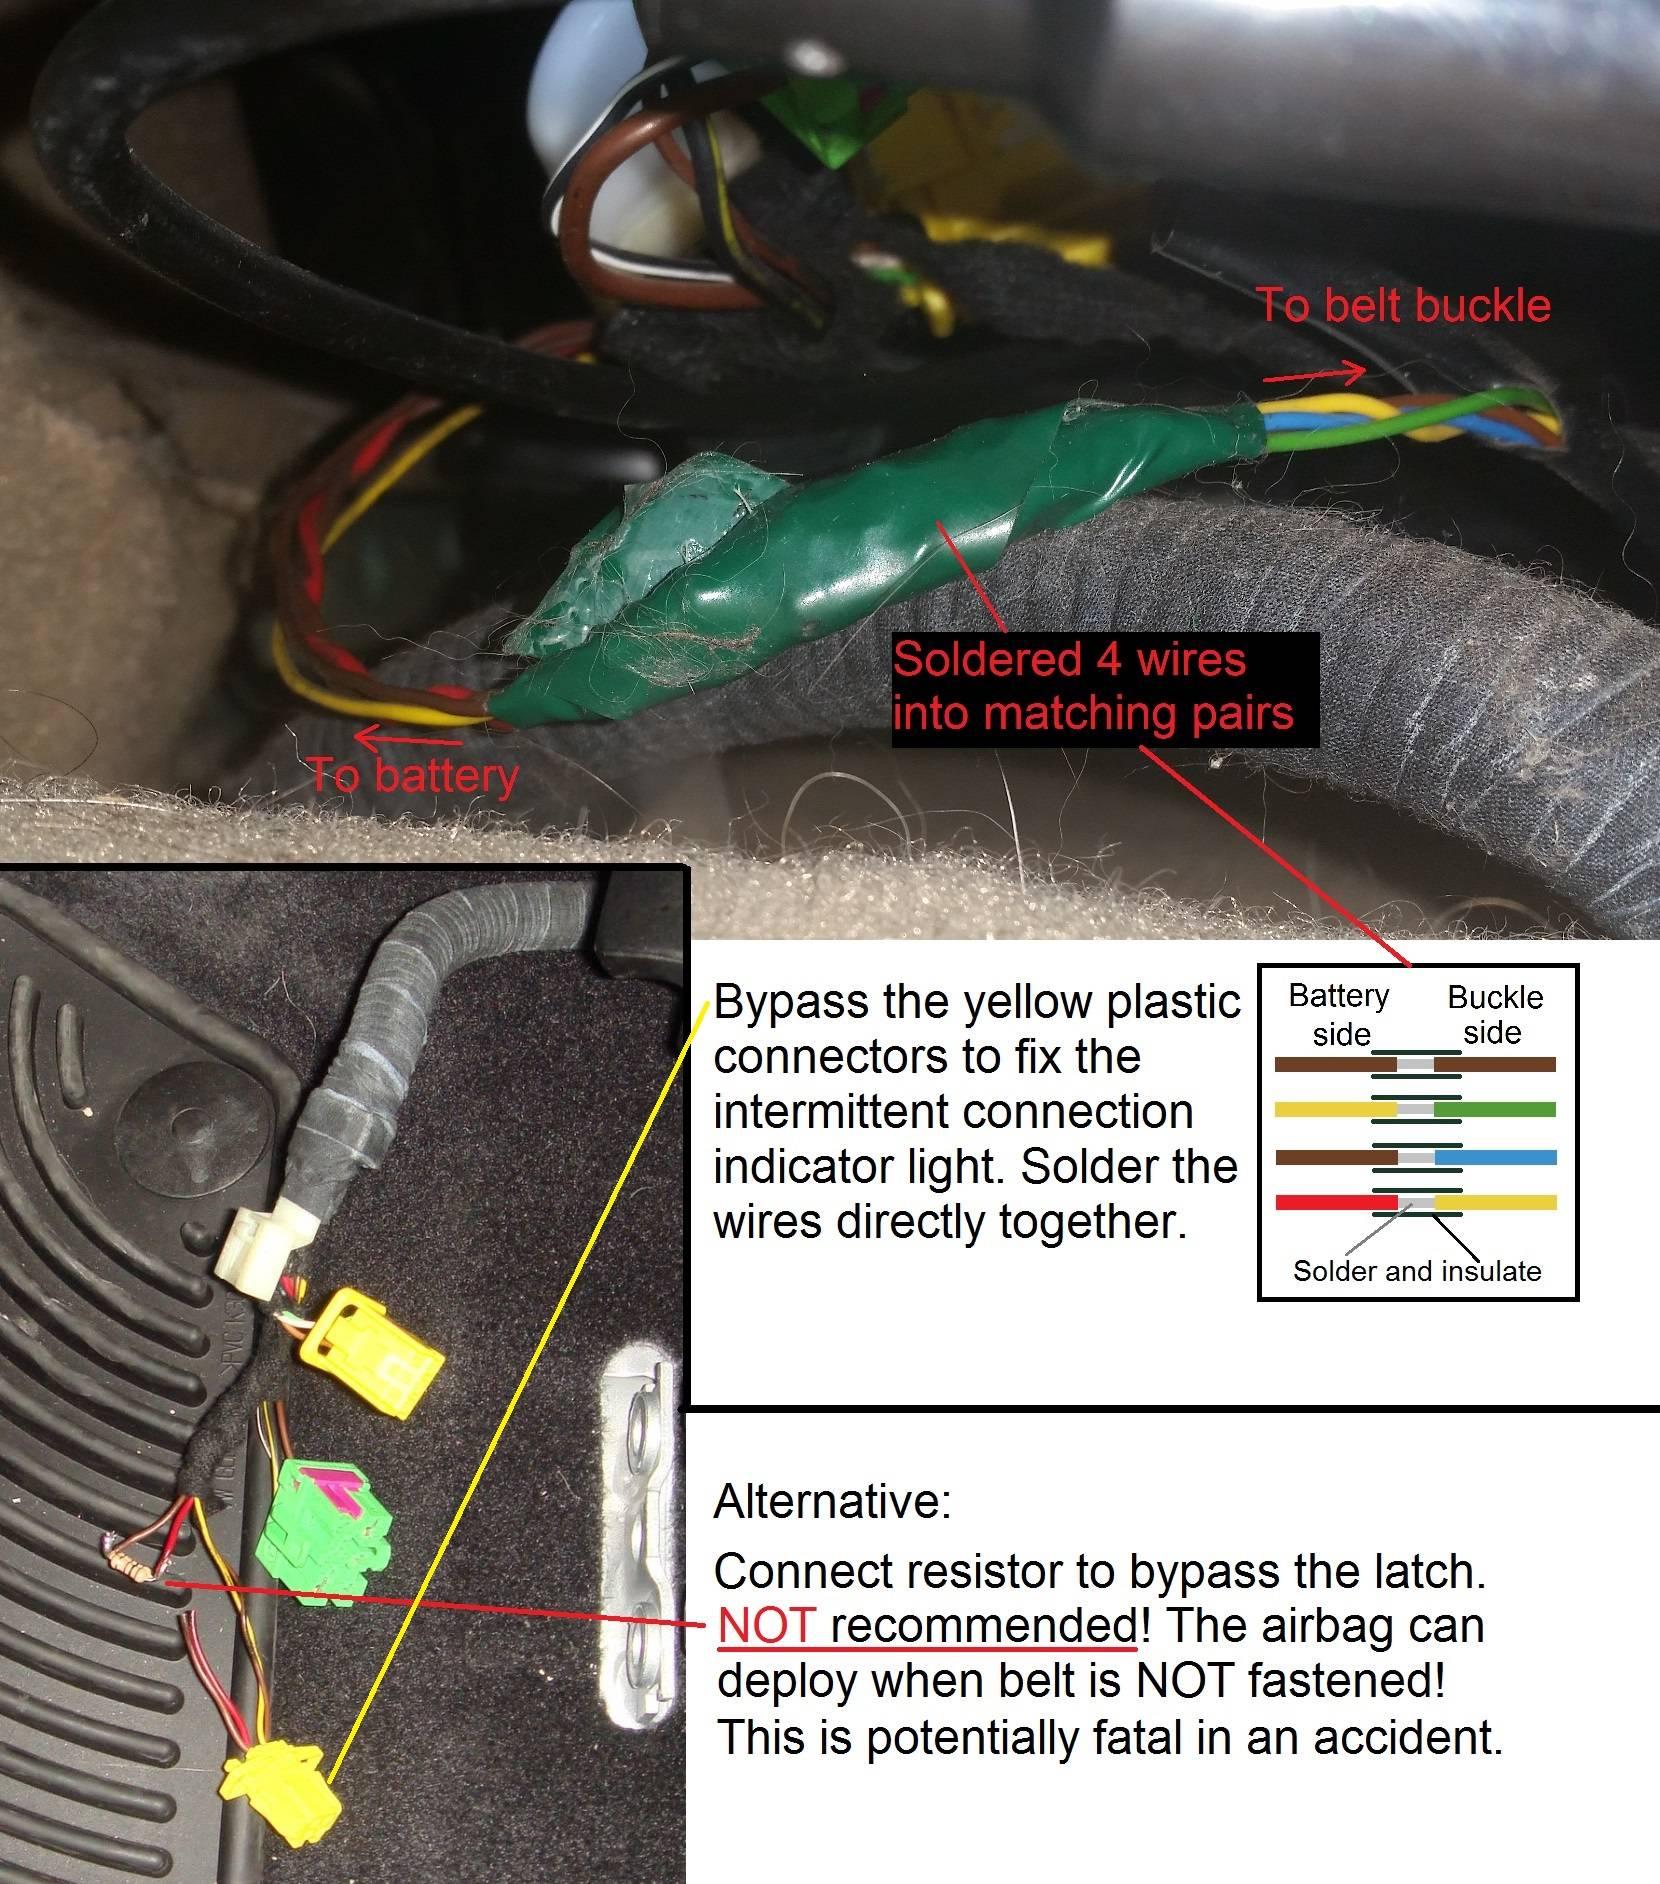 Surprising Wiring Vw Mk4 Golf Gti Airbag Indicator Warning Light Motor Wiring Cloud Biosomenaidewilluminateatxorg